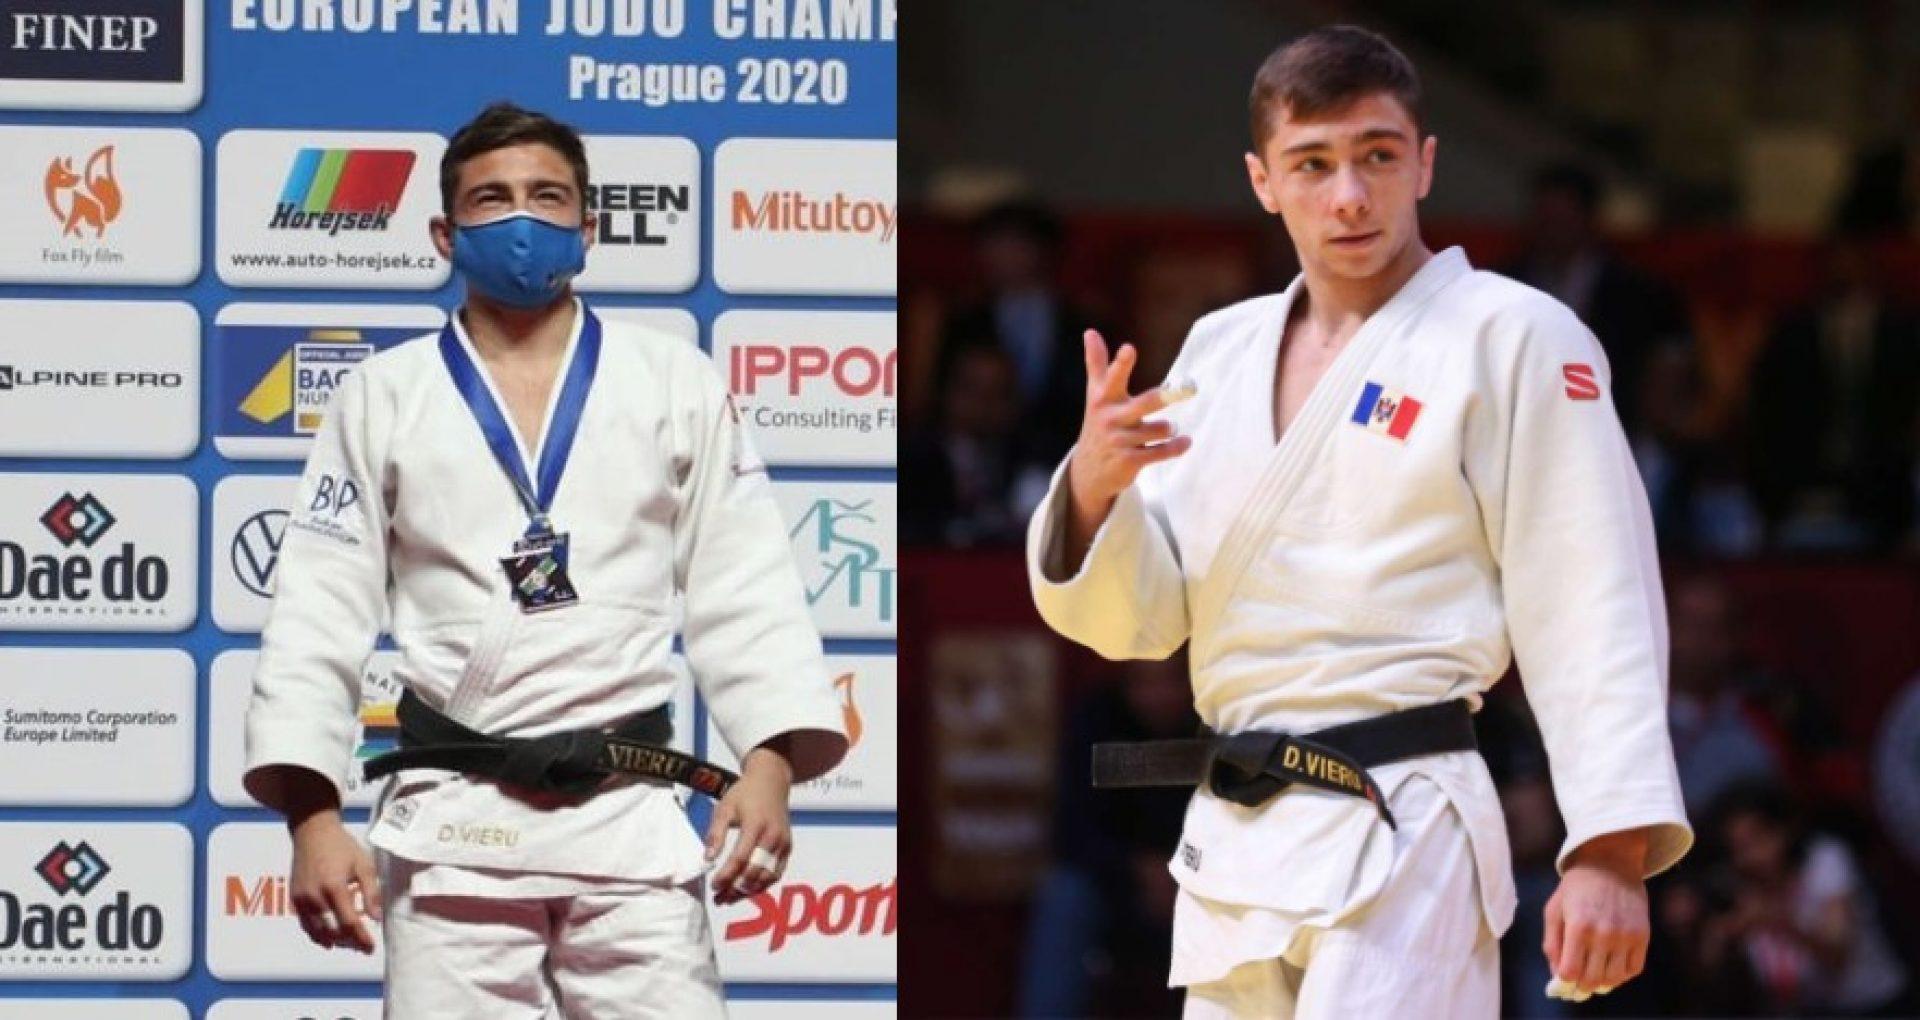 Medalie de aur şi bronz la Campionatul European de Judo pentru R. Moldova